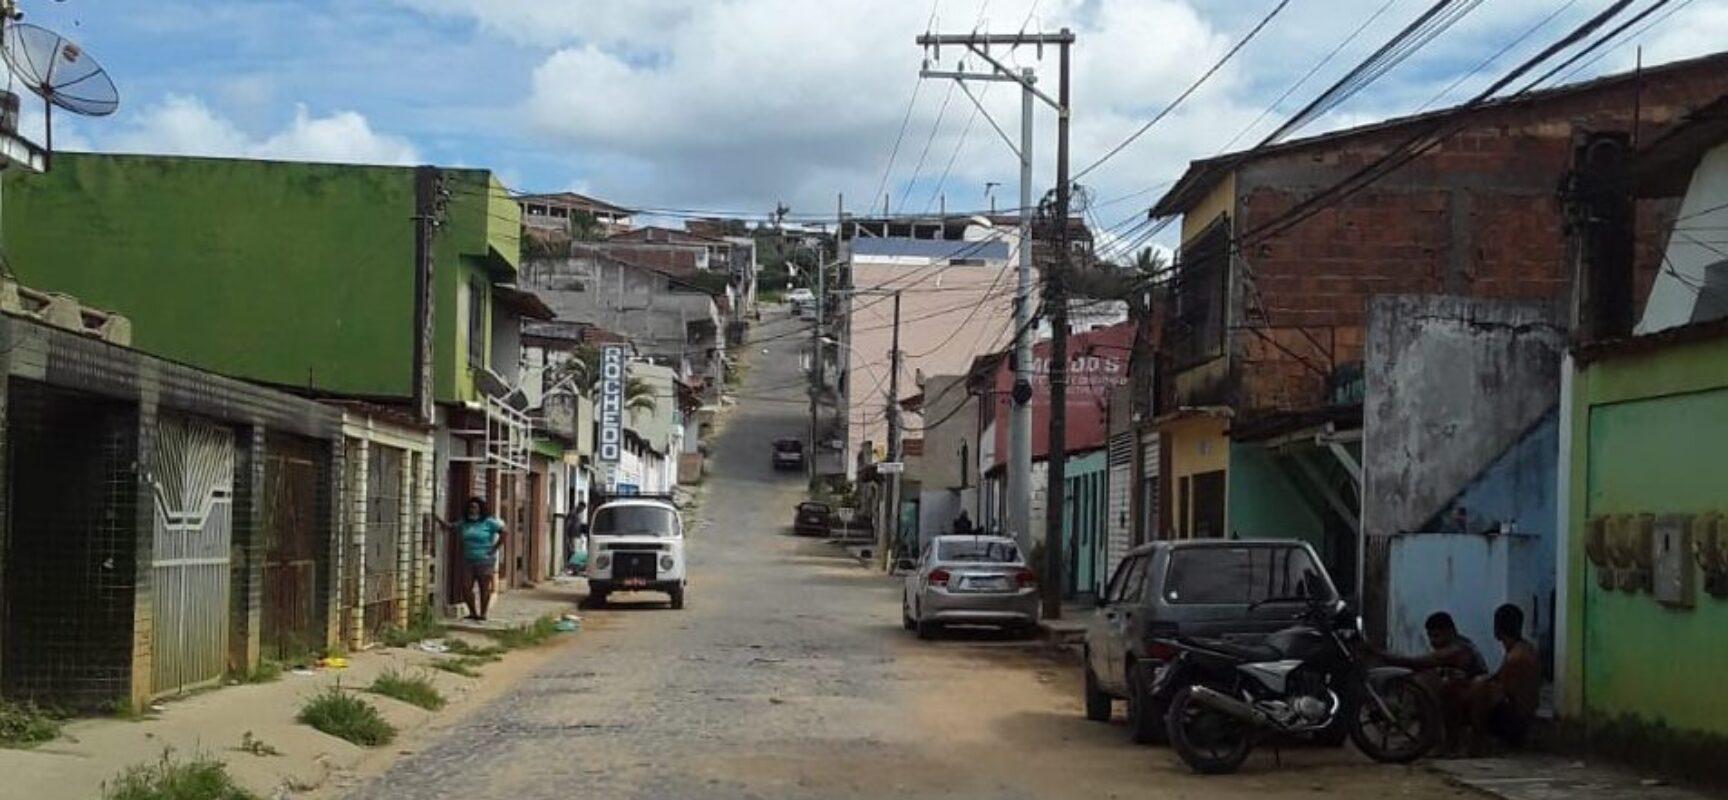 Vereador Luca Lima reivindica pavimentação asfáltica para vias do Nelson Costa